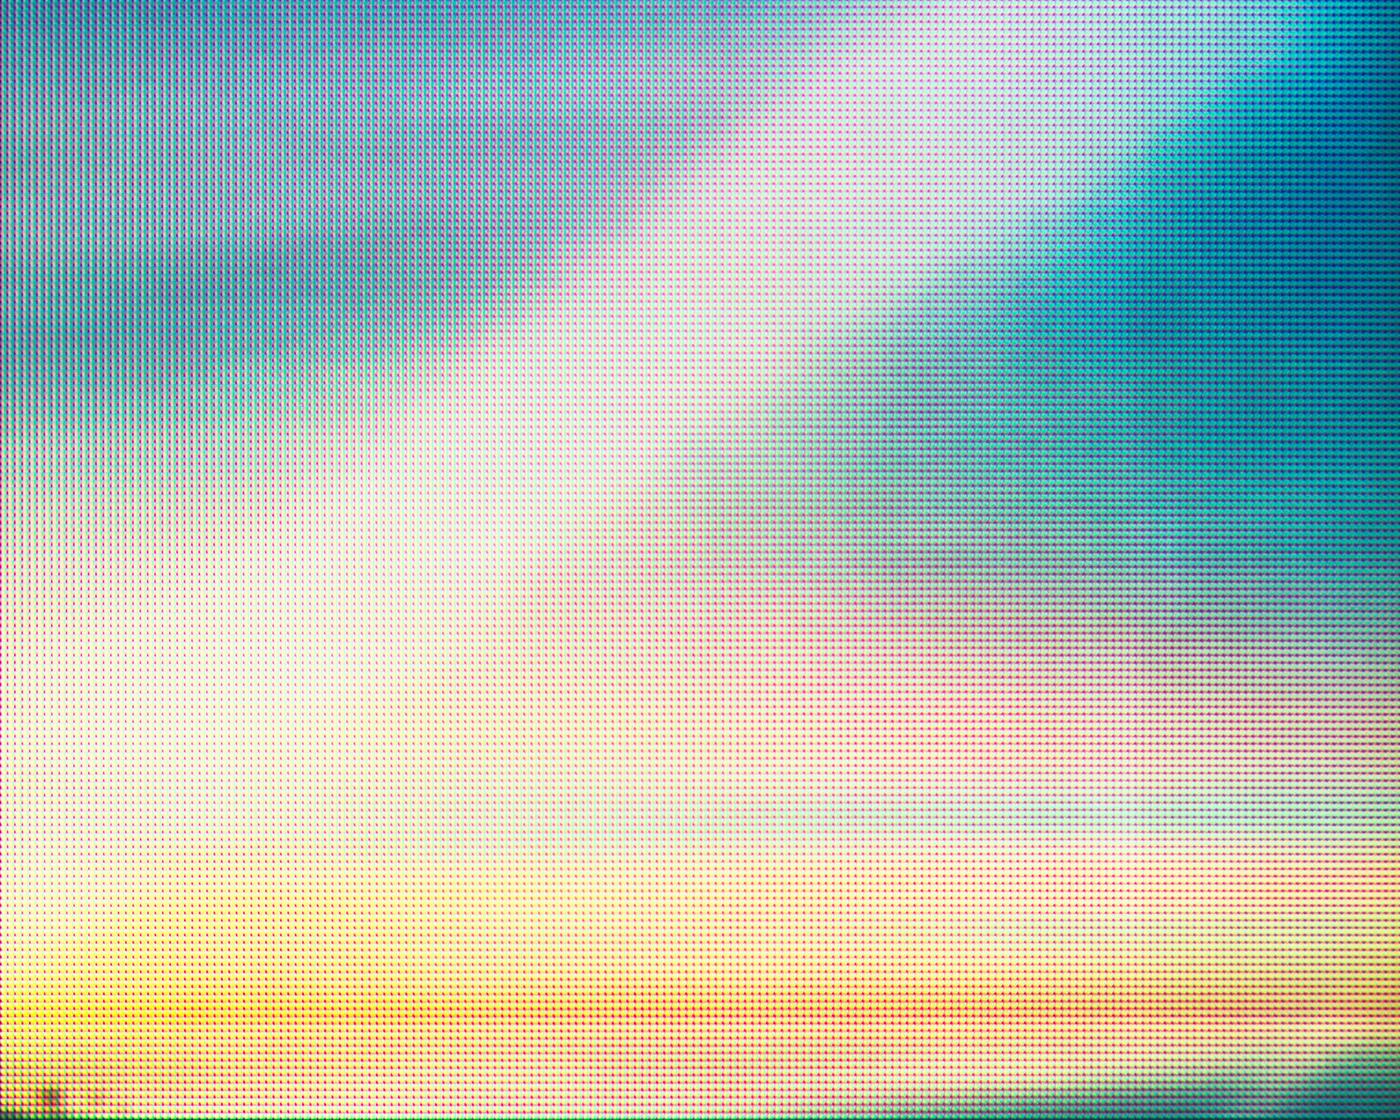 sg_sunrise_12.jpg